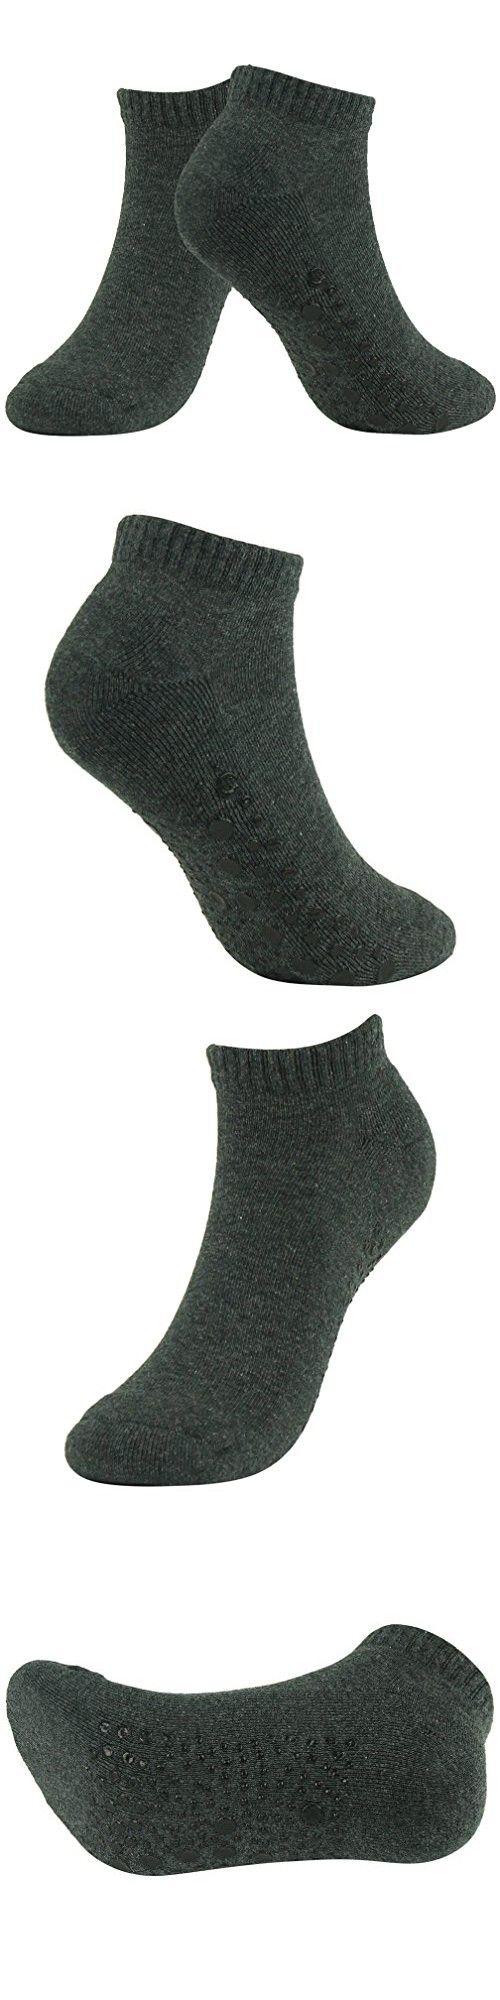 Full Toe Non Slip Skid Yoga Pilates Socks with Grips Cotton for Women